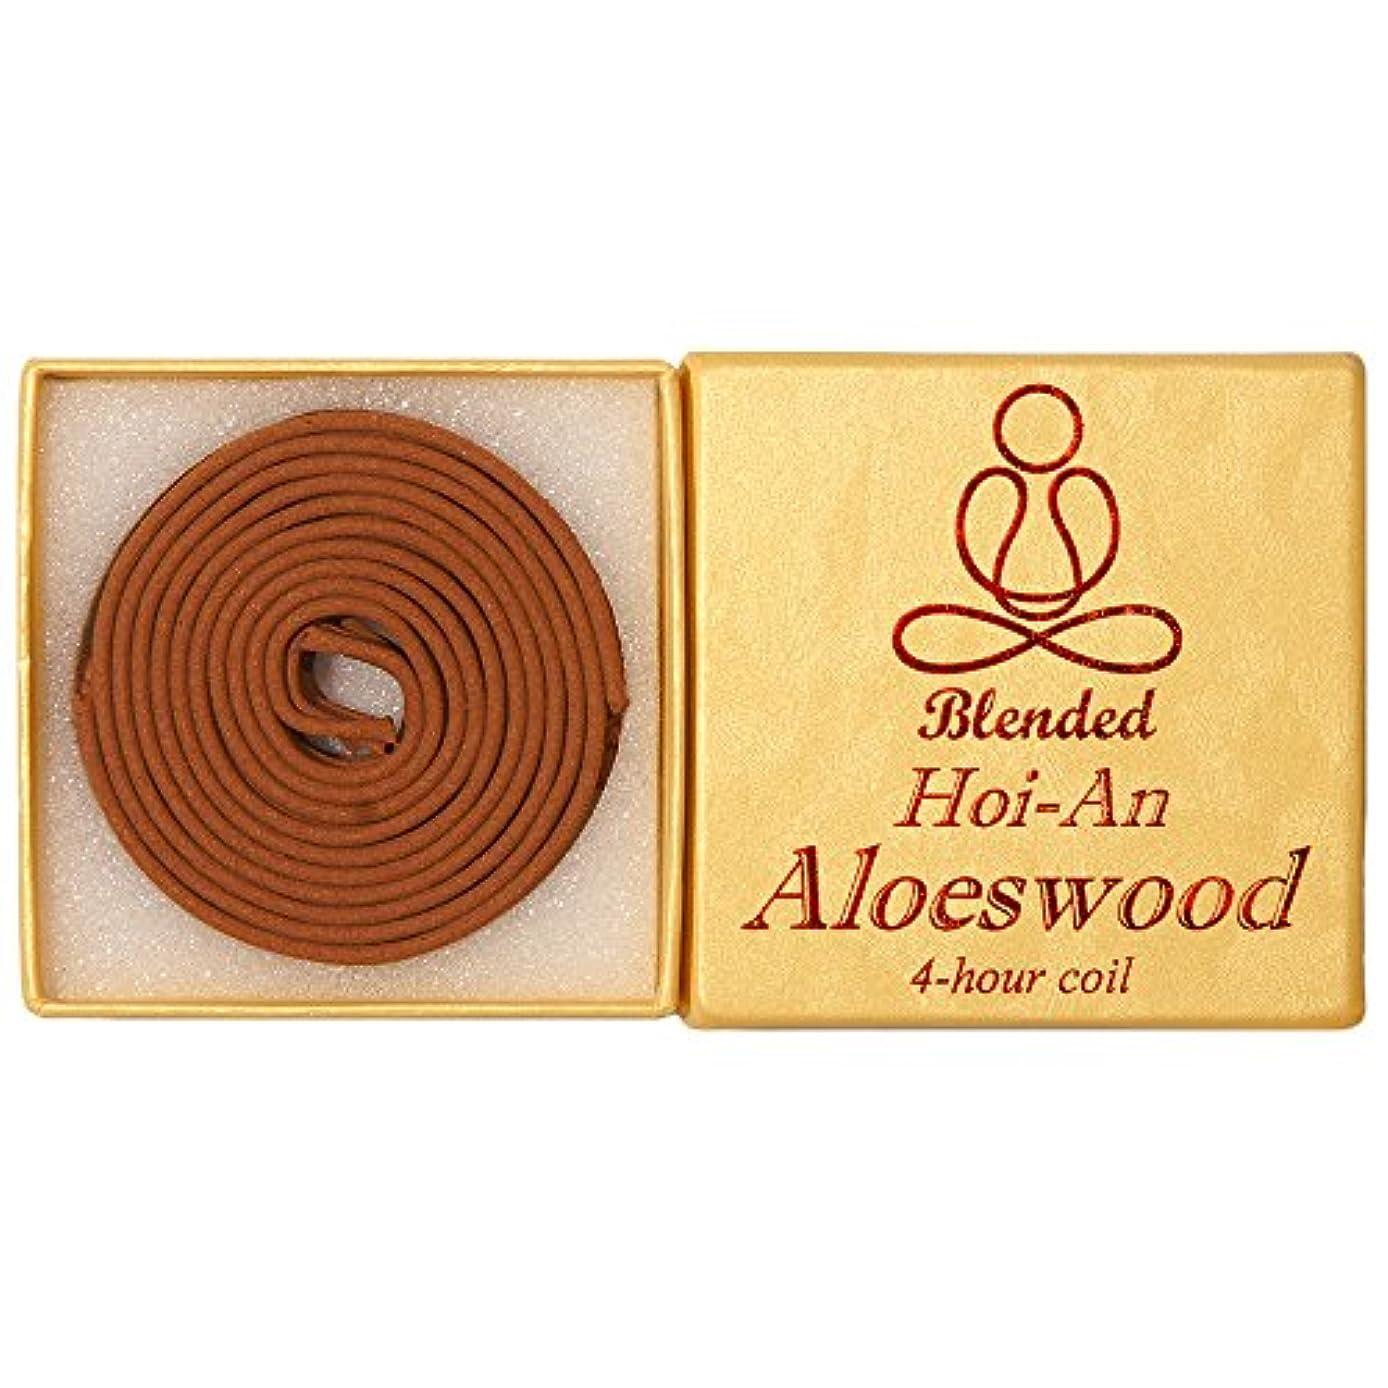 分離パトロール小競り合いBlended Hoi-An Aloeswood - 12 pieces 4-hour Coil - 100% natural - GHC152T